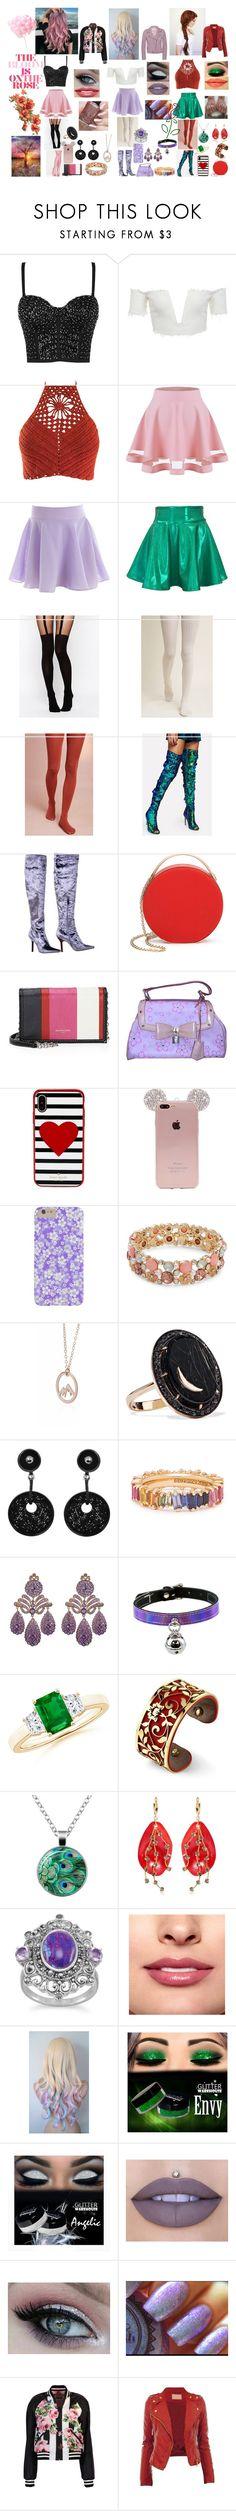 """""""Fashion #84"""" by juli2902 on Polyvore featuring ASOS, Pure + Good, Gucci, 3.1 Phillip Lim, Balenciaga, Louis Vuitton, Kate Spade, Design Lab, Andrea Fohrman and Giorgio Armani"""